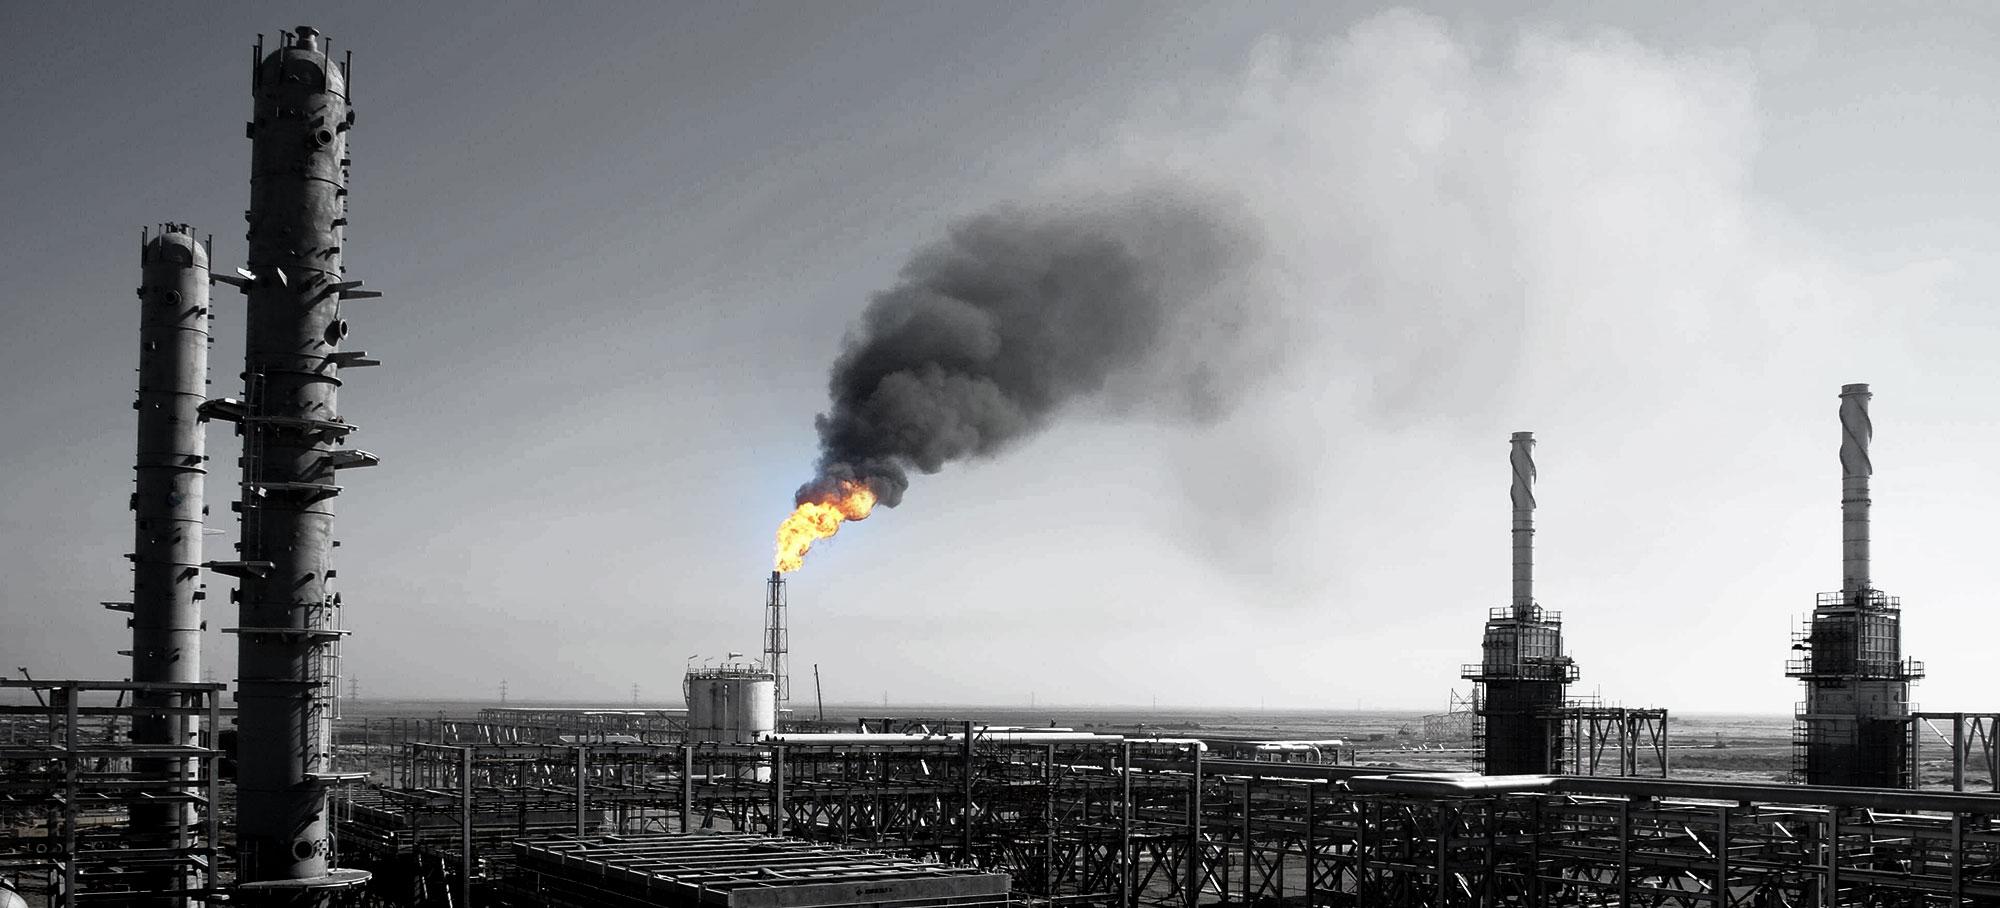 عزم جدی وزارت نفت برای به صفر رساندن میزان سوختن گازهای همراه نفت